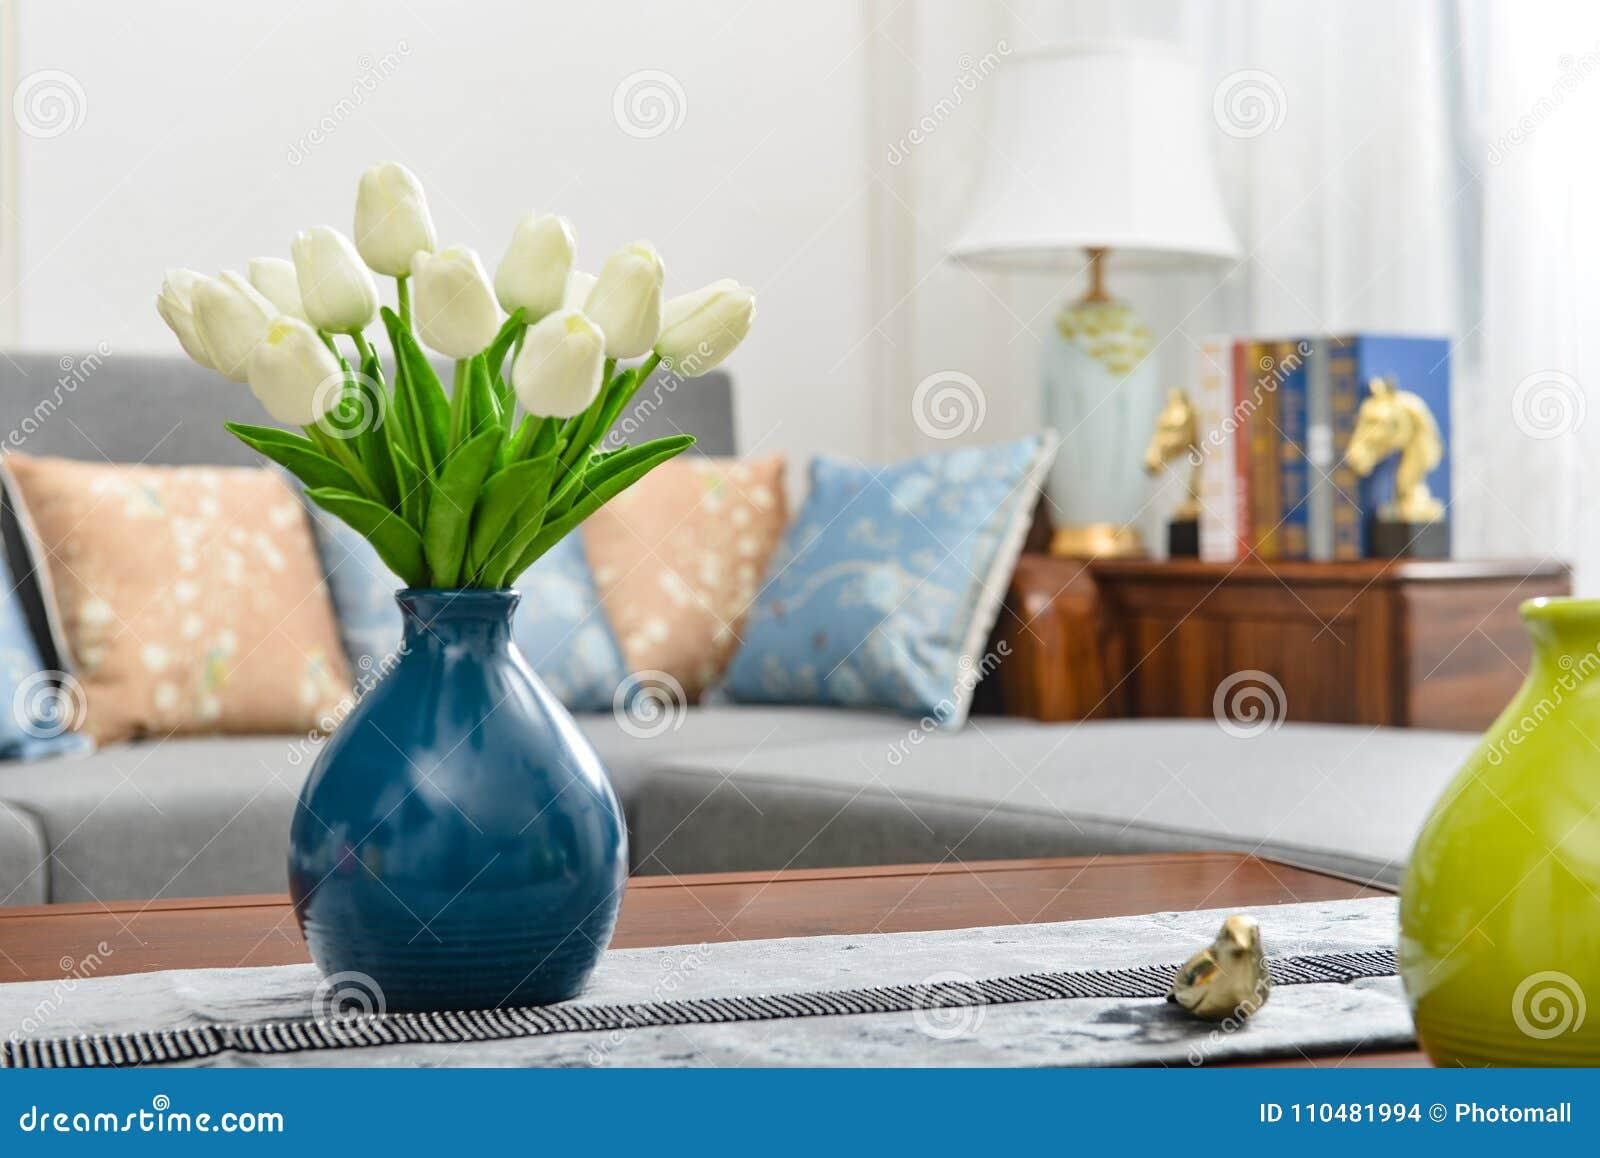 Huis binnenlands decor, tulpenboeket in vaas